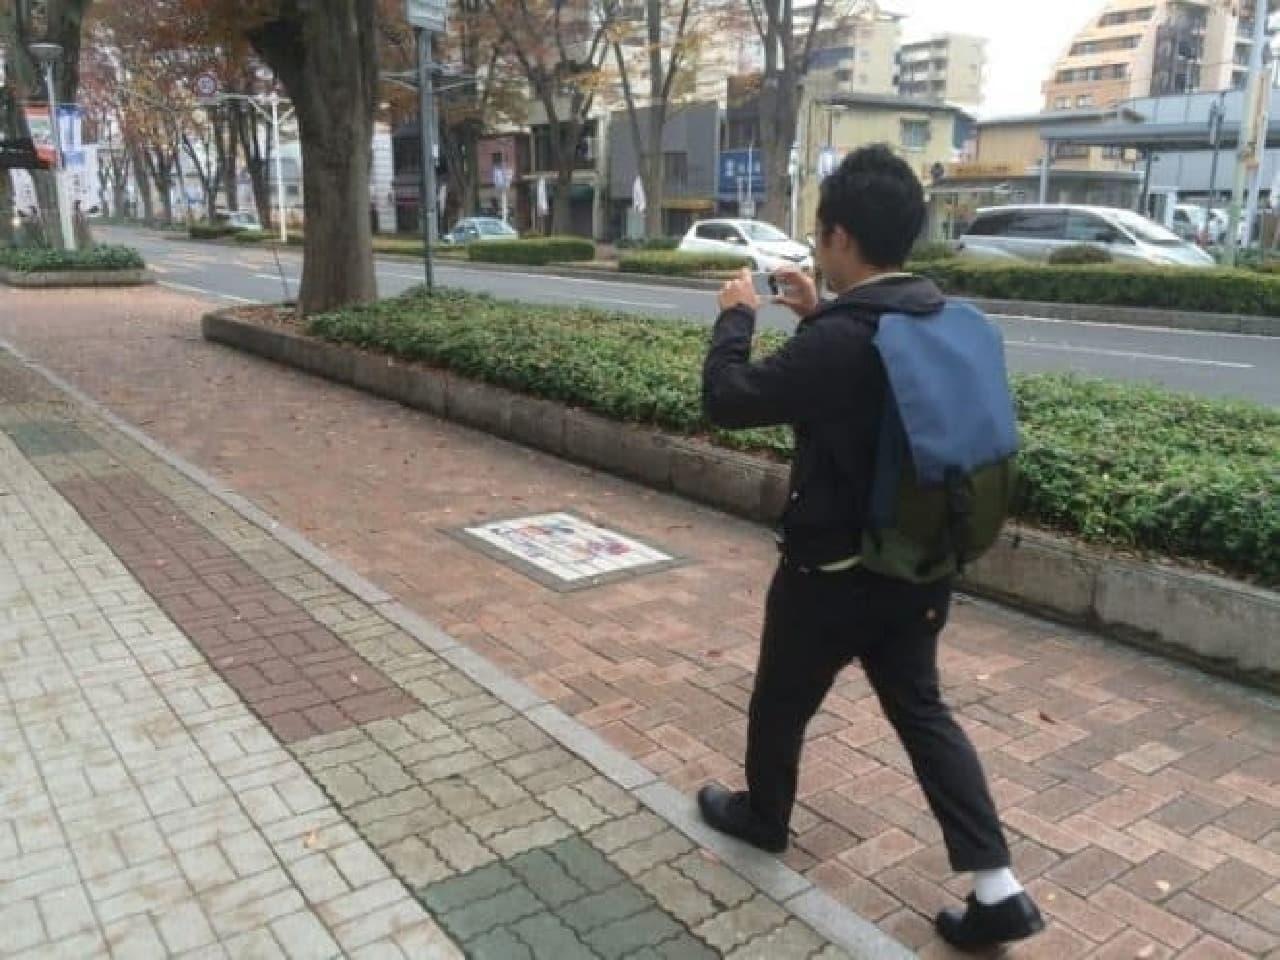 スマートフォンで路面を撮影する男性